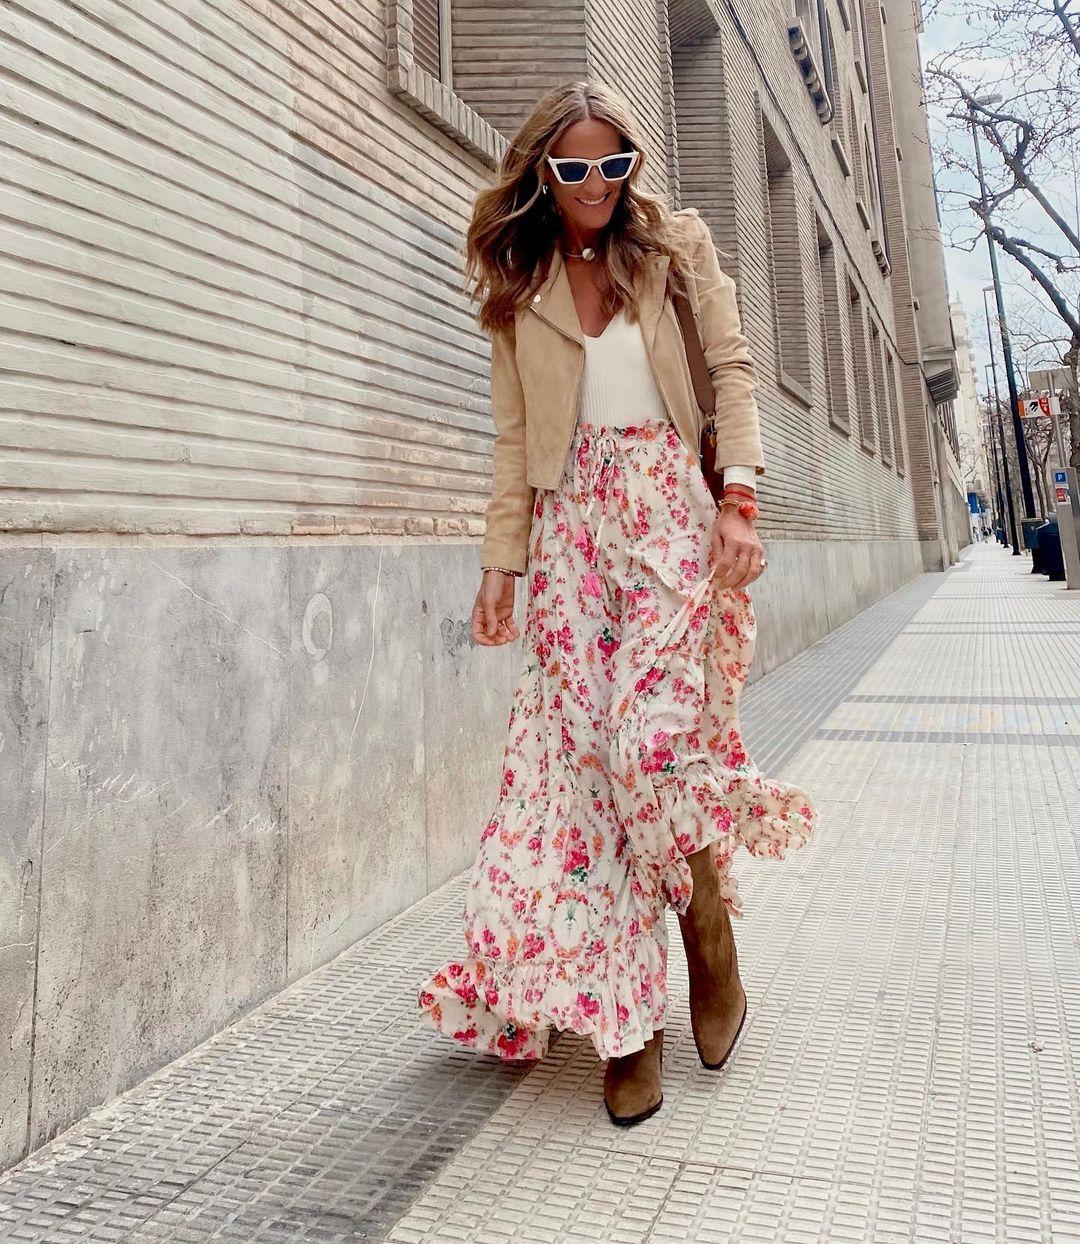 Vestidos y faldas de flores: el must-have de primavera